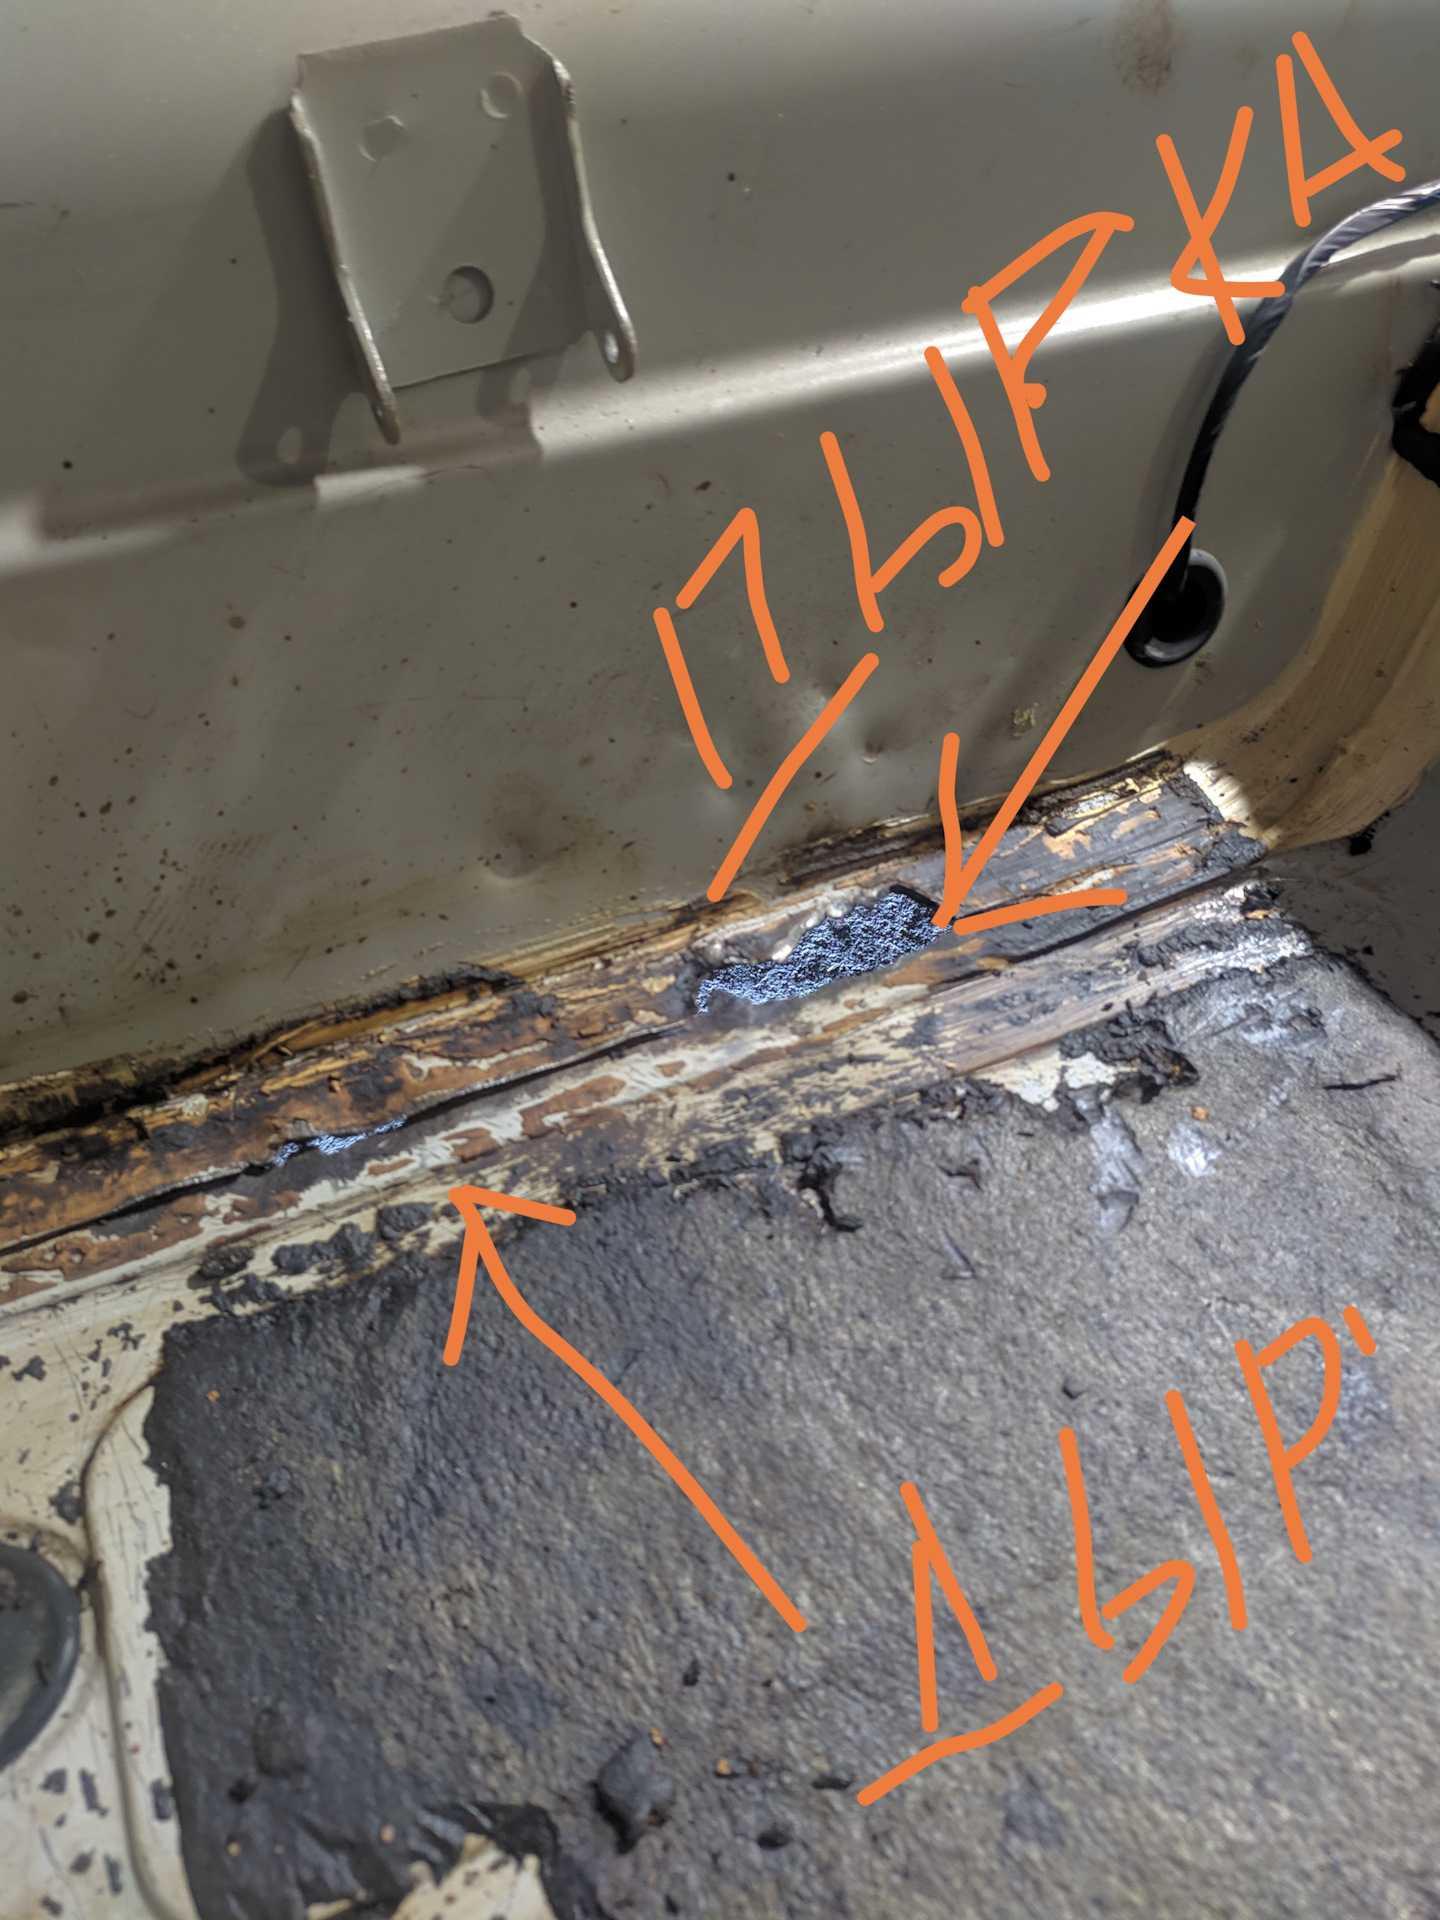 Как заделать дырку в кузове автомобиля Способы и материалы для заделывания дырок в днище автомобиля без сварки